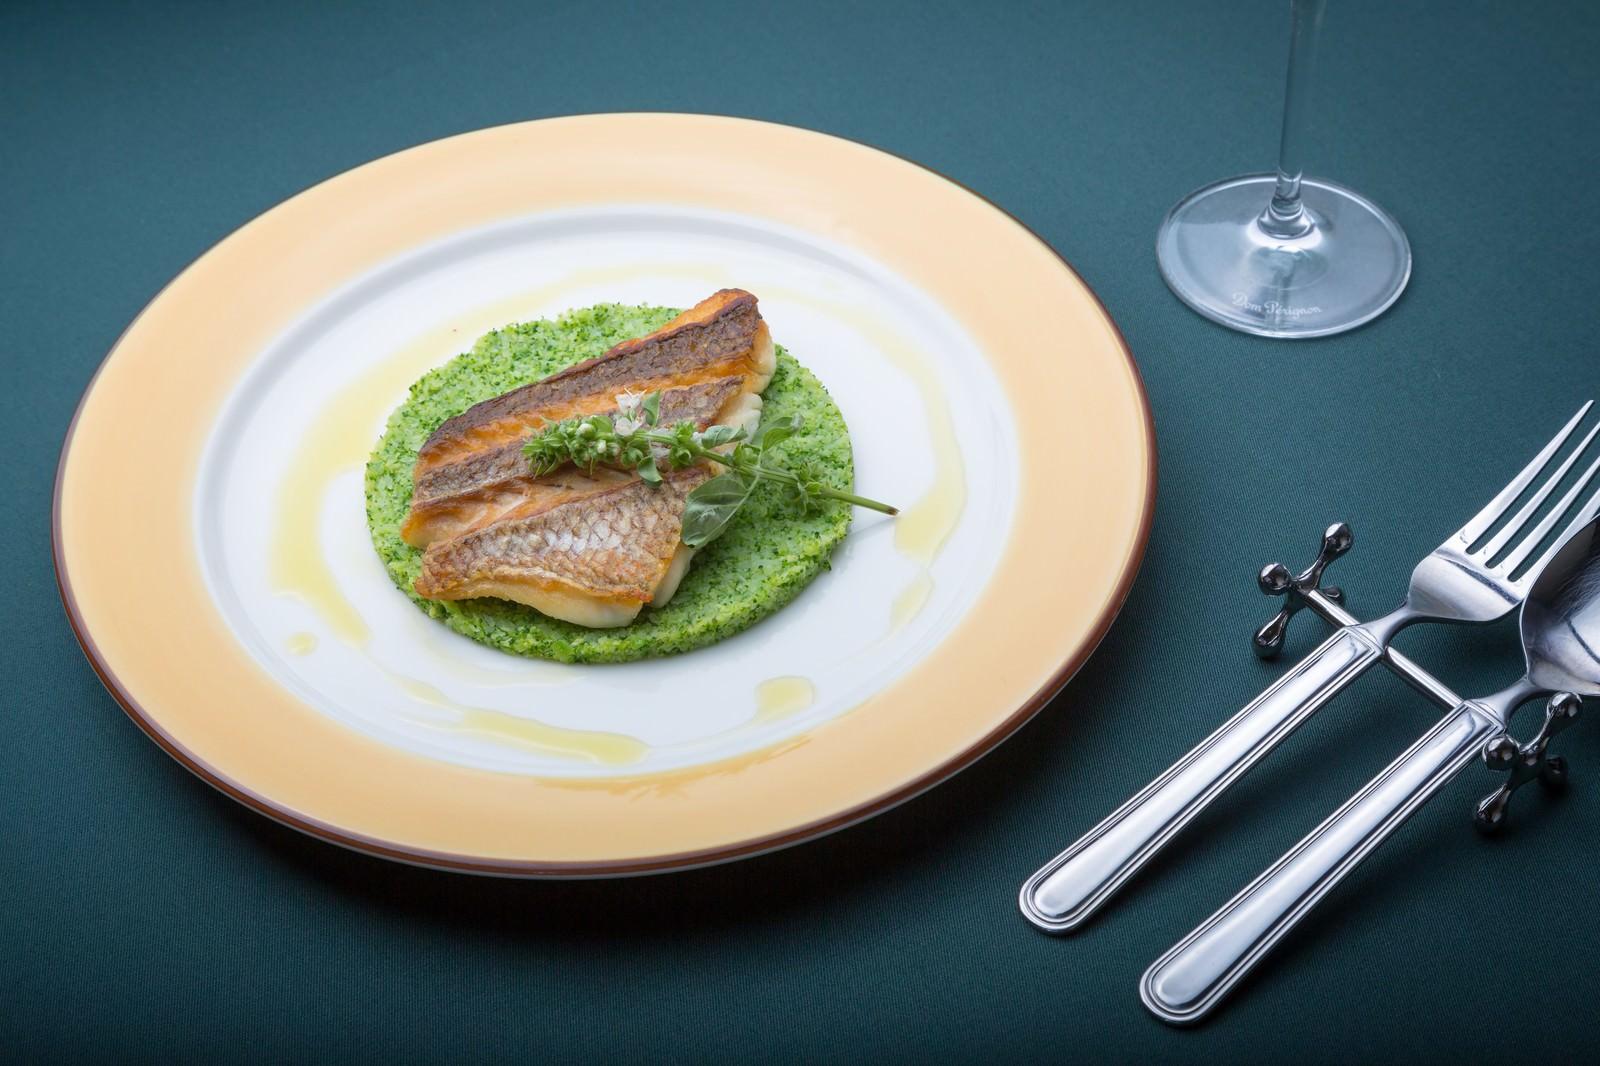 「ブロッコリーソースに乗った真鯛のロースト」の写真